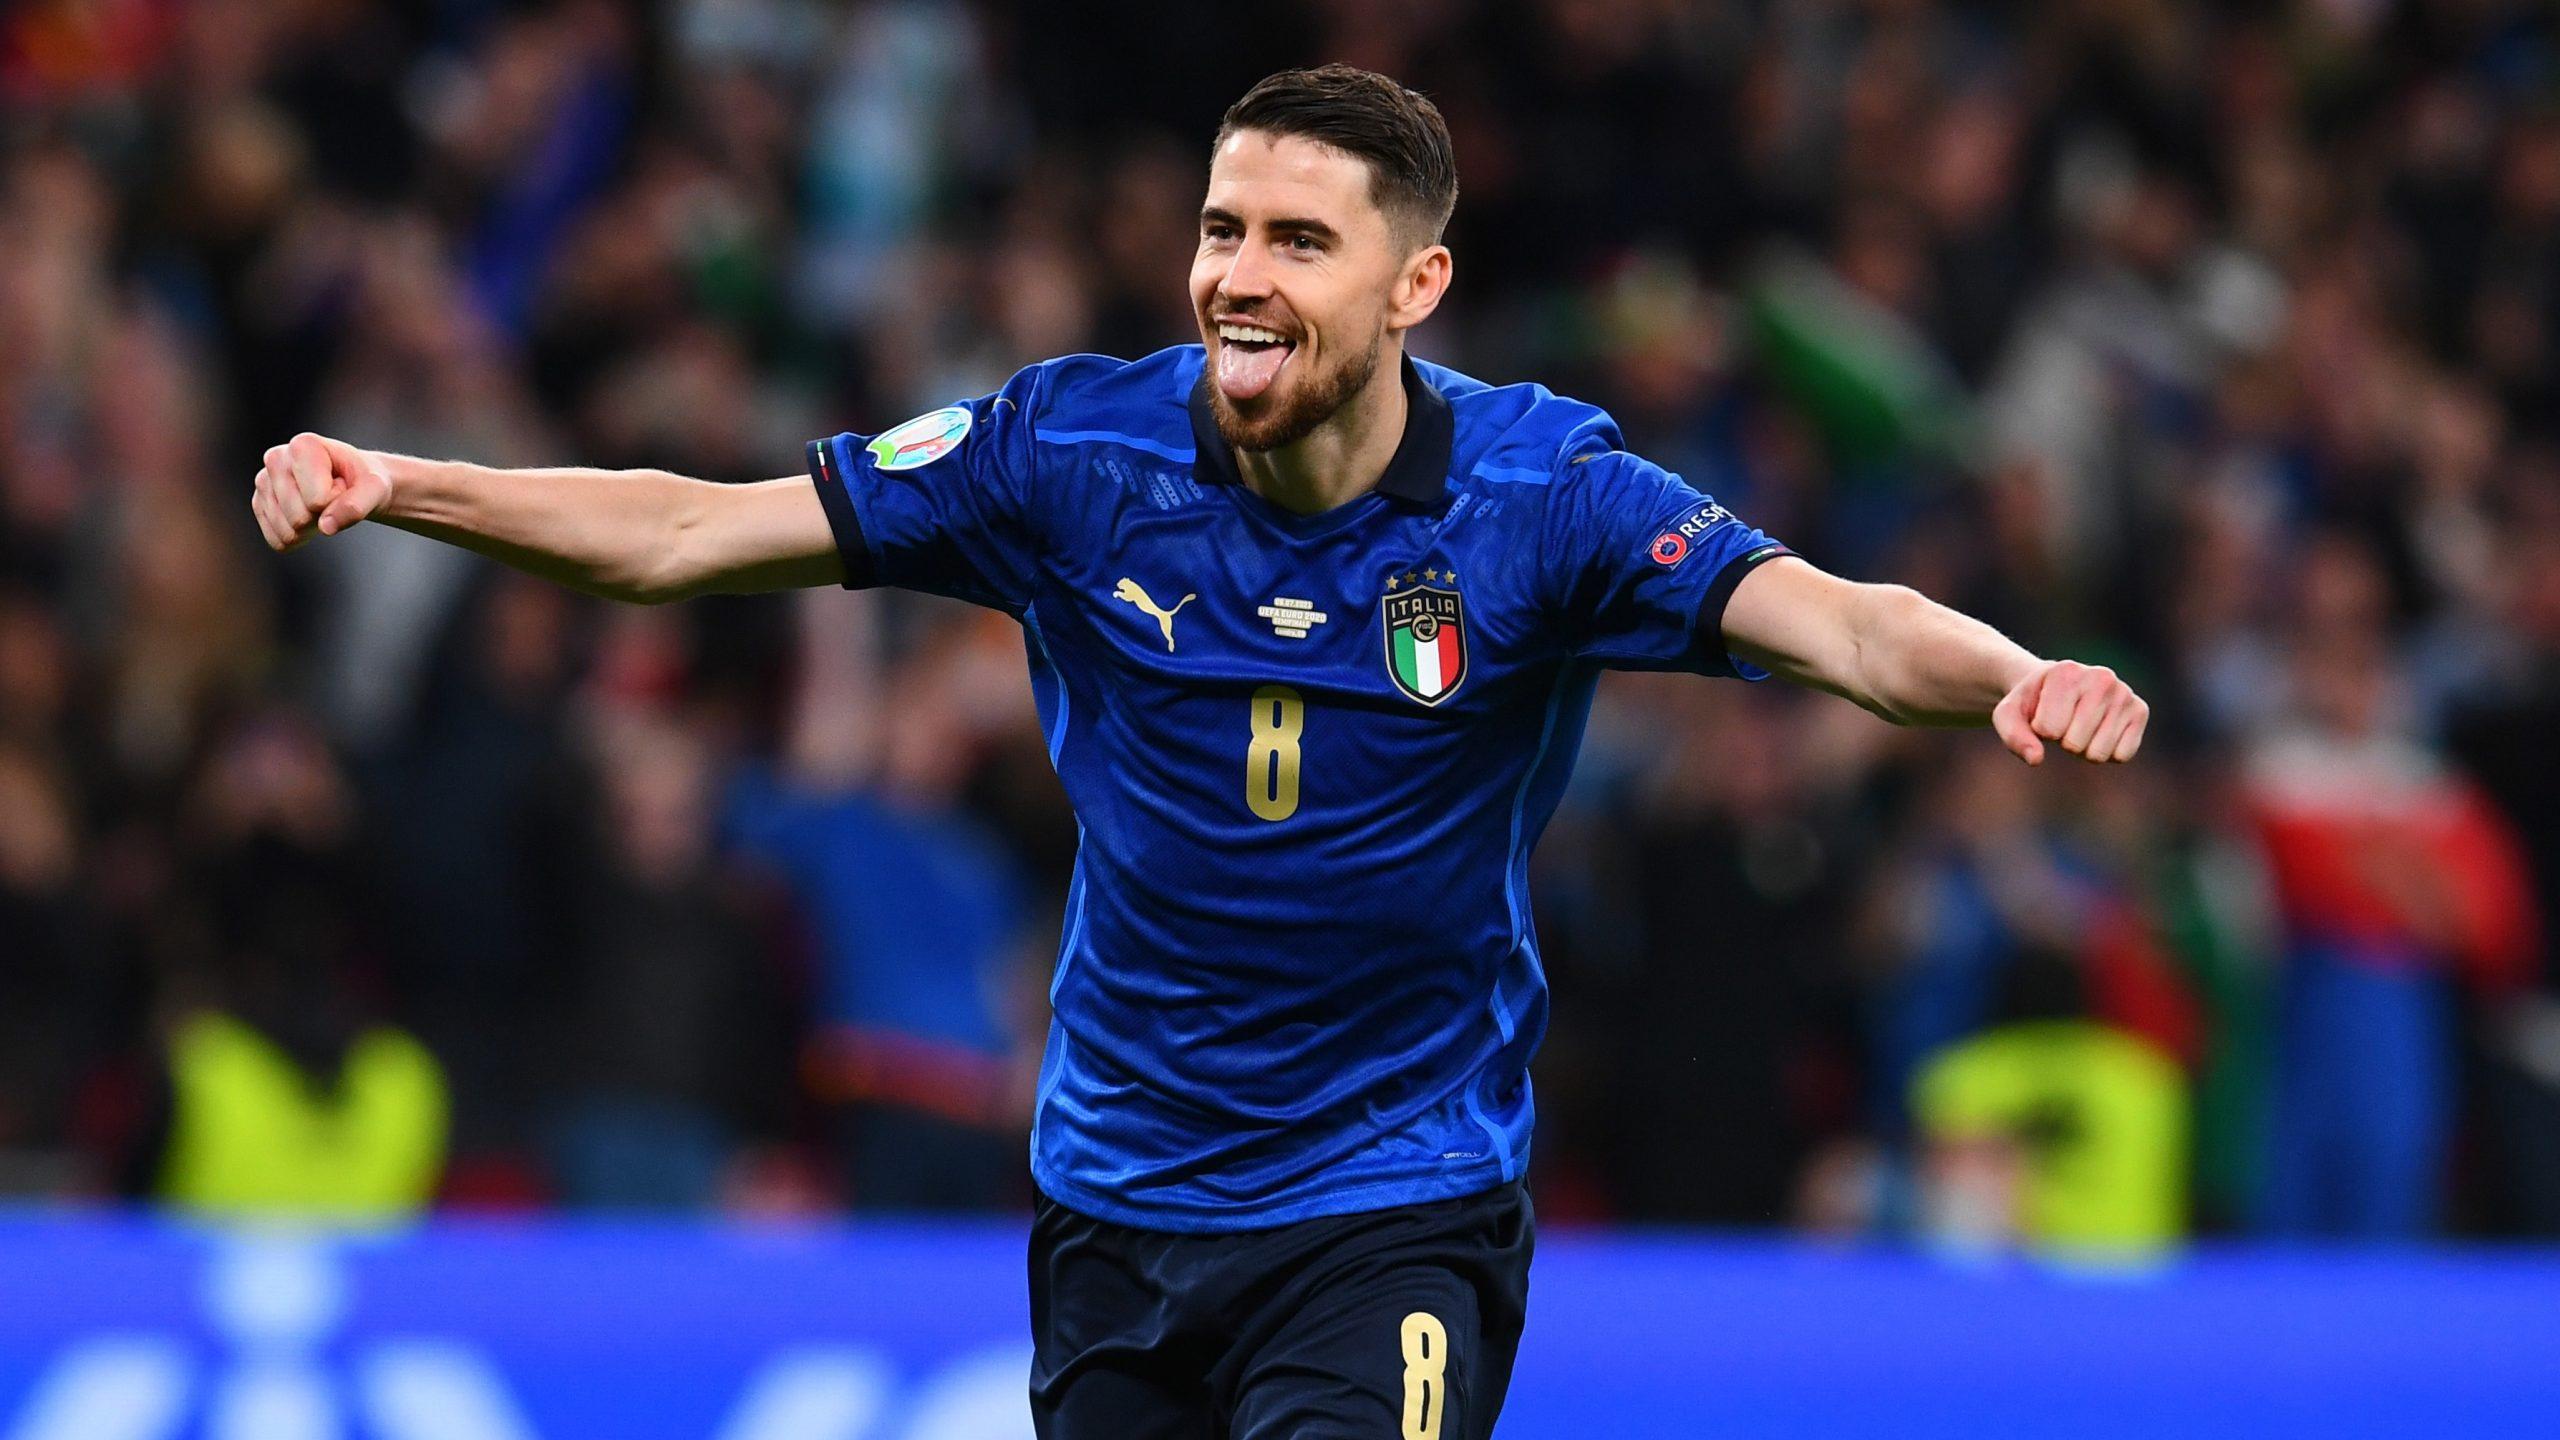 Euro 2020 là một mùa giải đáng nhớ của tiền vệ trung tâm Jorginho